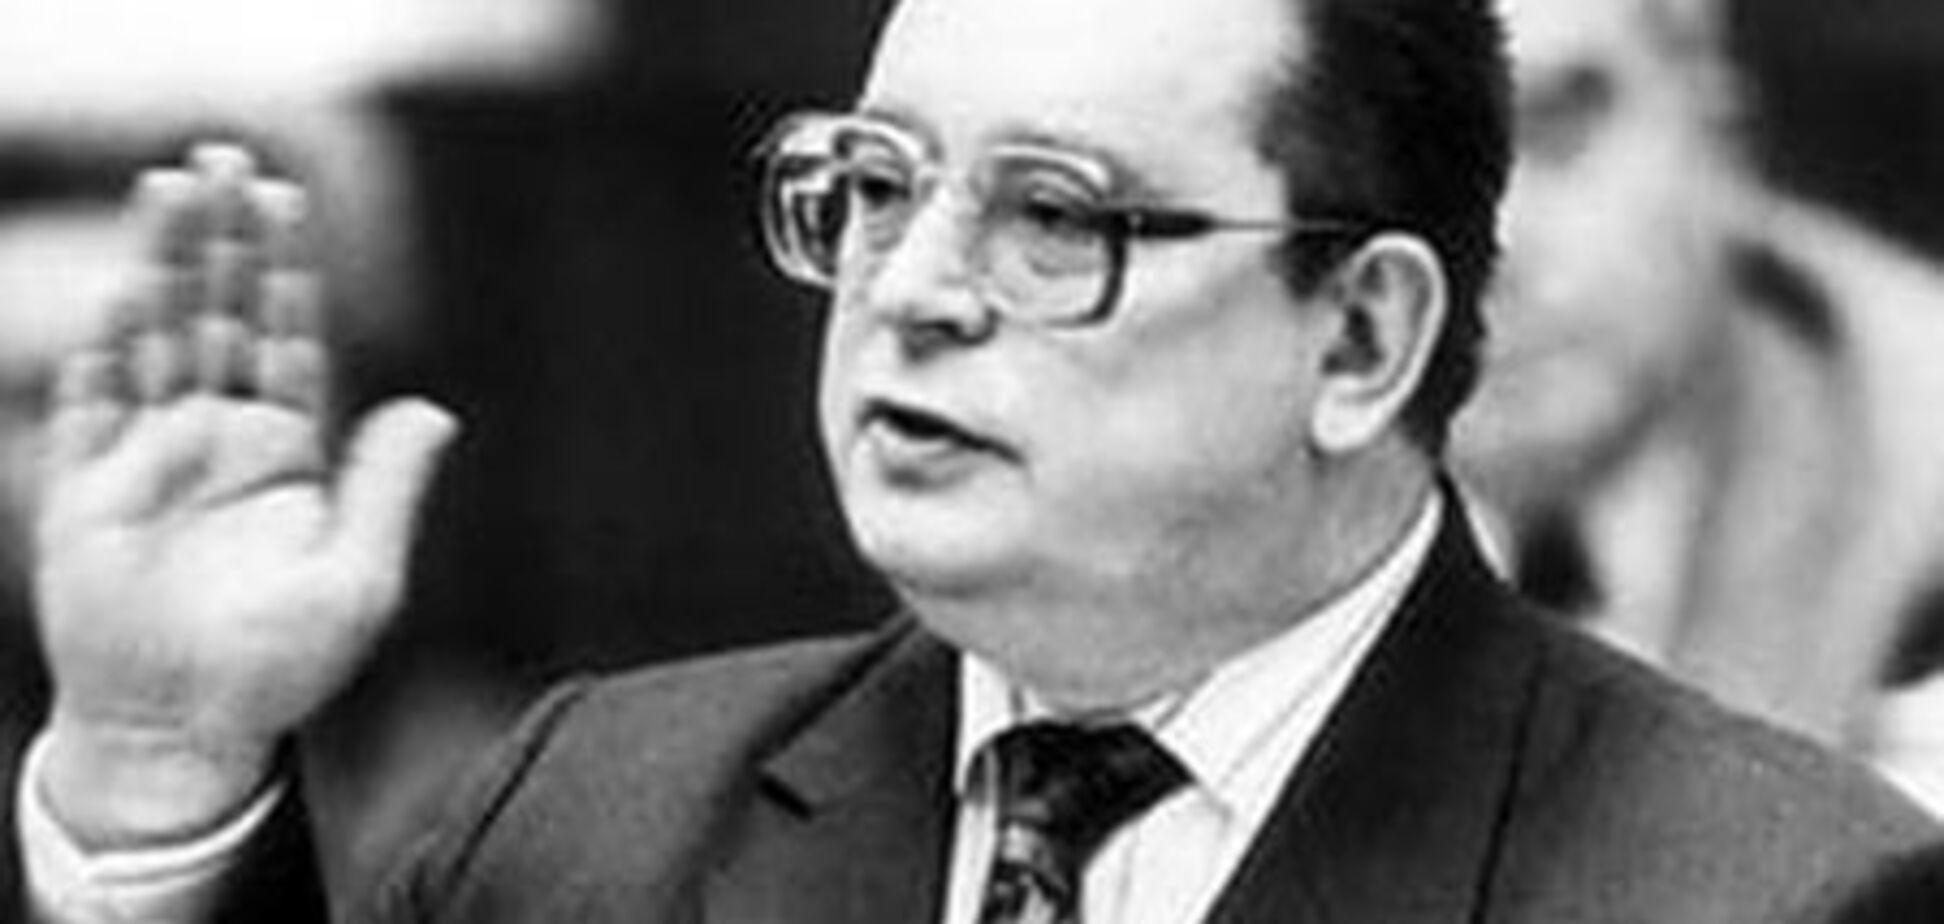 20 років тому. Призначено перший і останній прем'єр СРСР